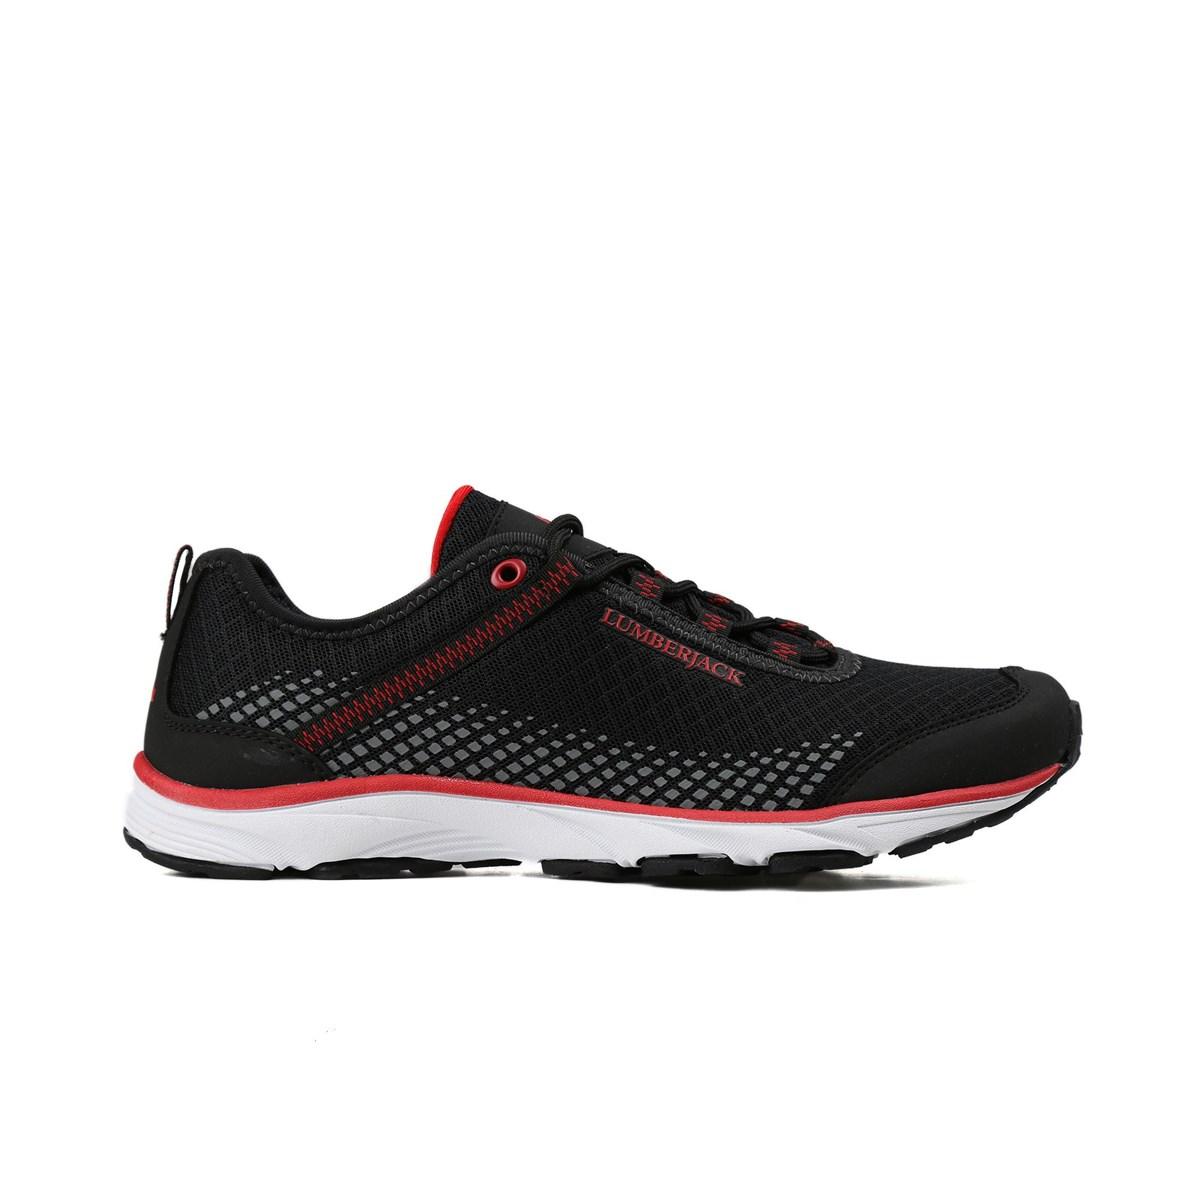 Dare Siyah Erkek Koşu Ayakkabısı